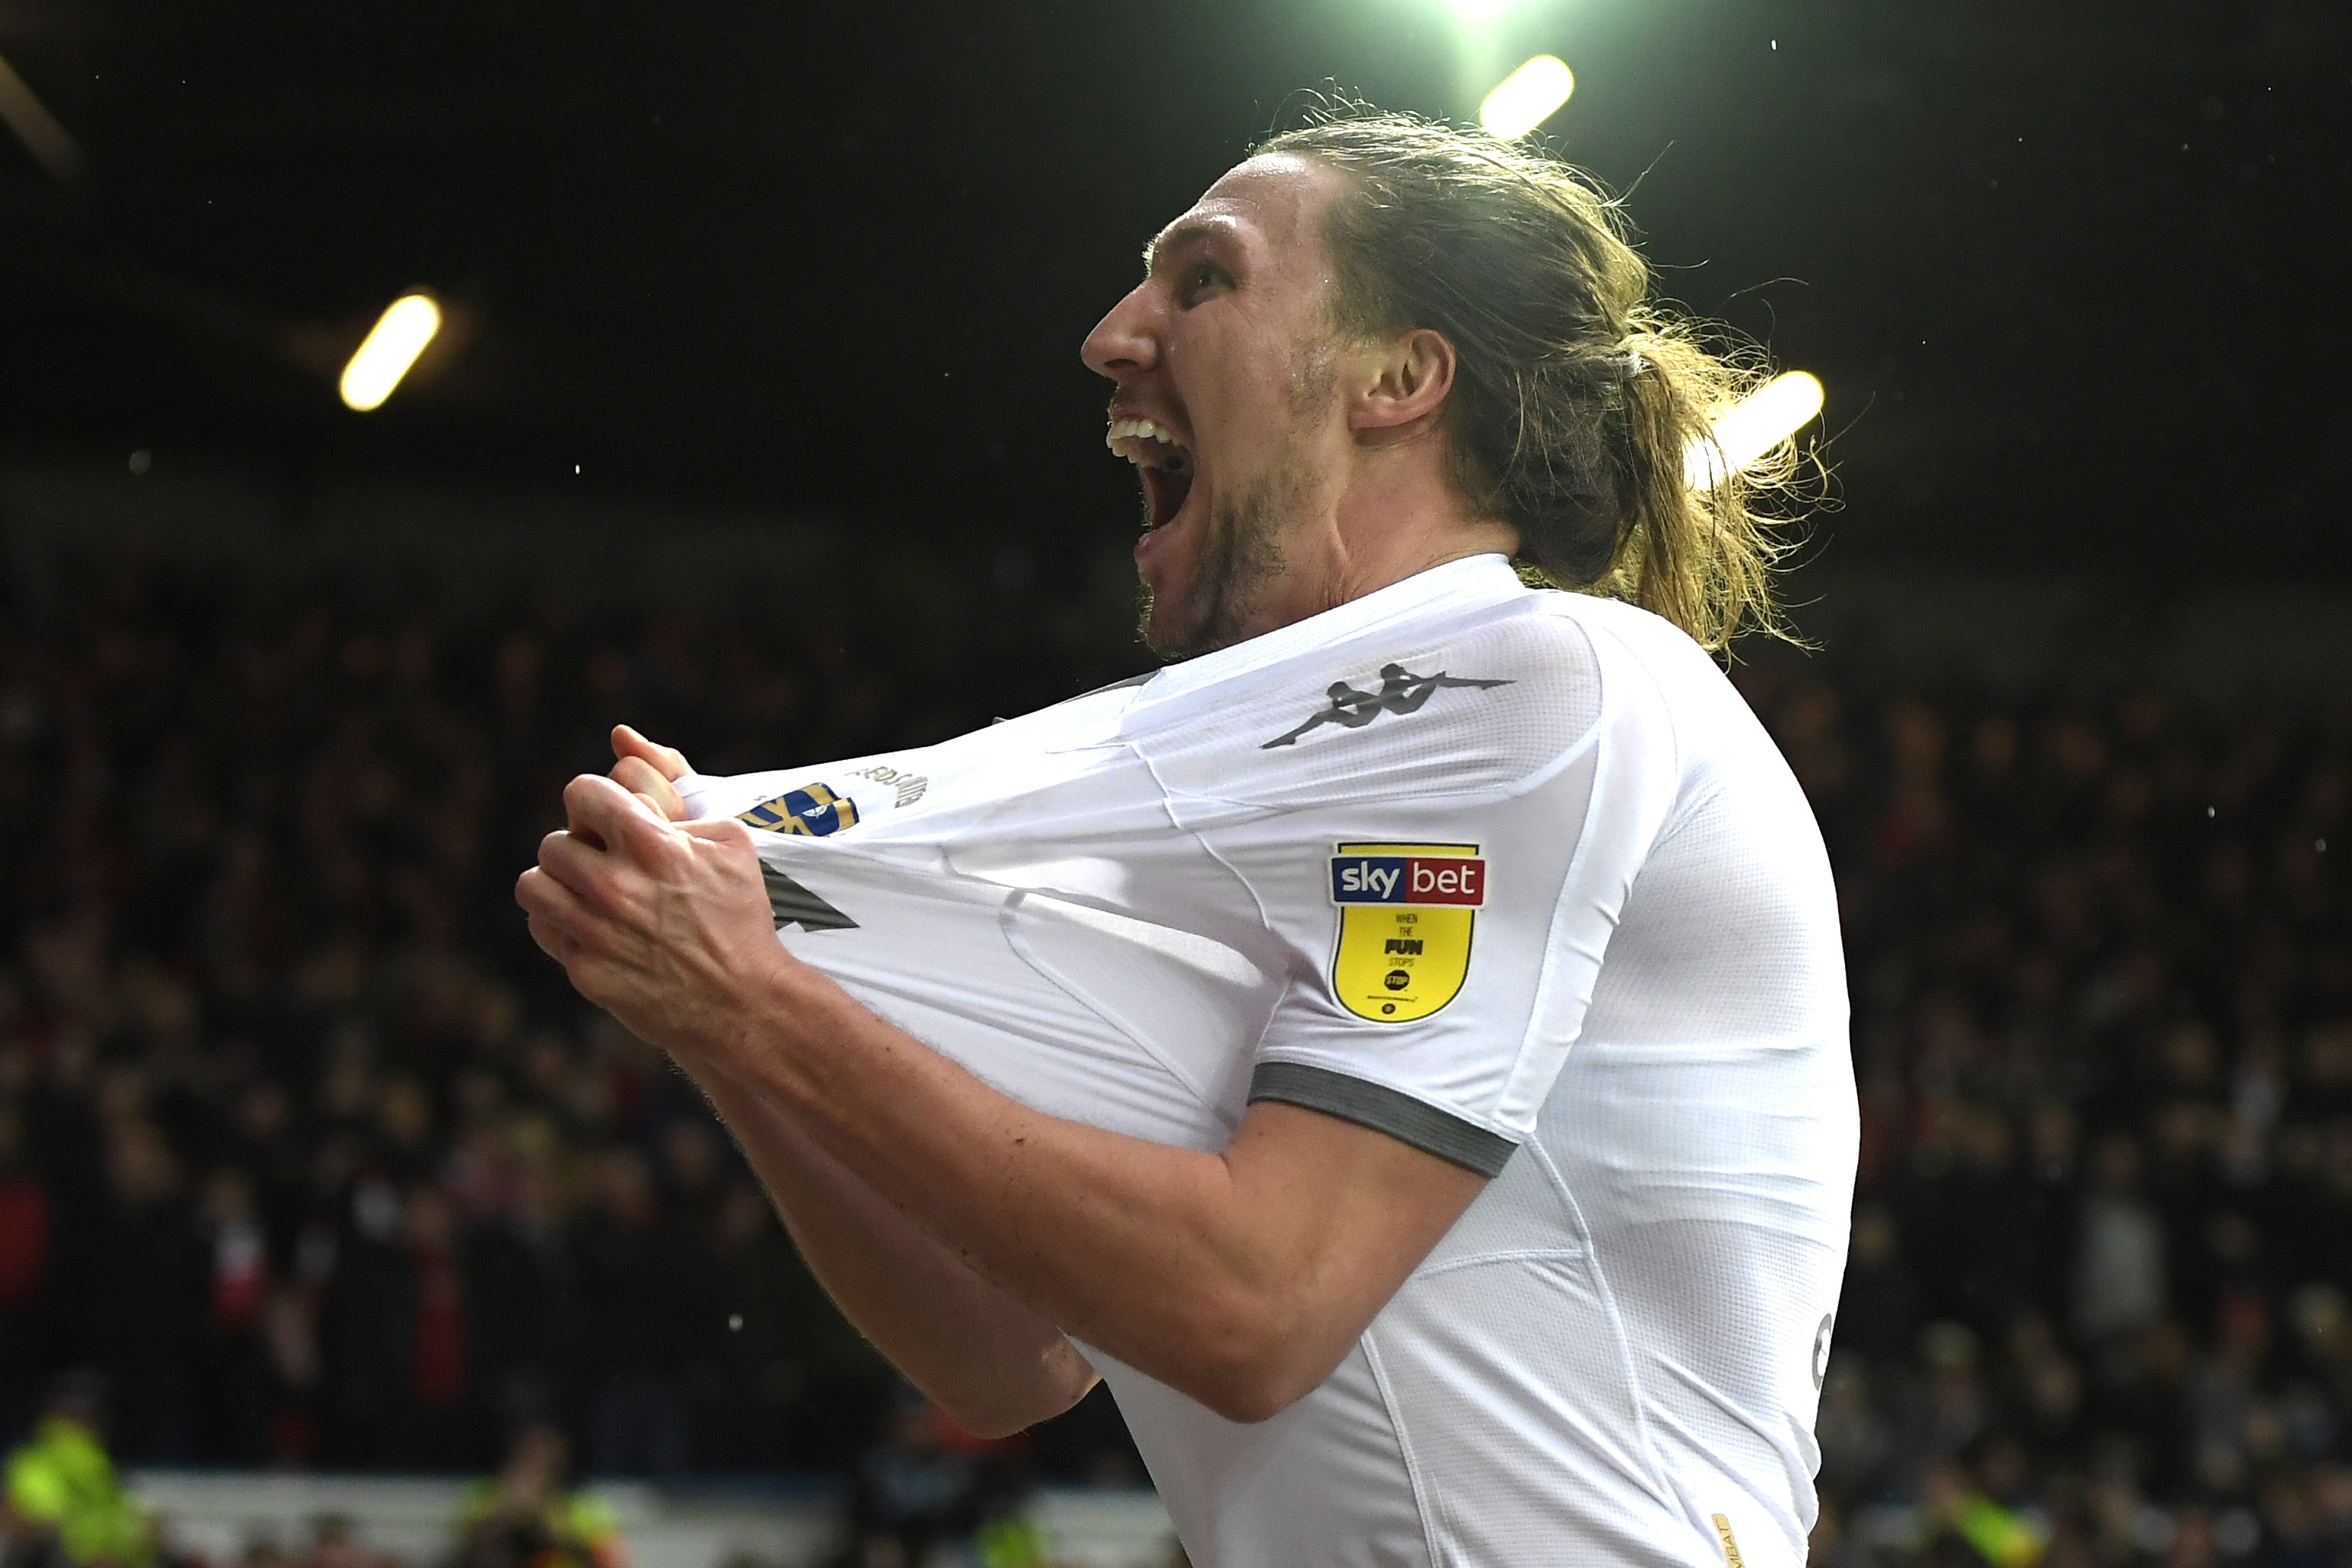 El Leeds volvió a la senda de la victoria este fin de semana. / Getty Images